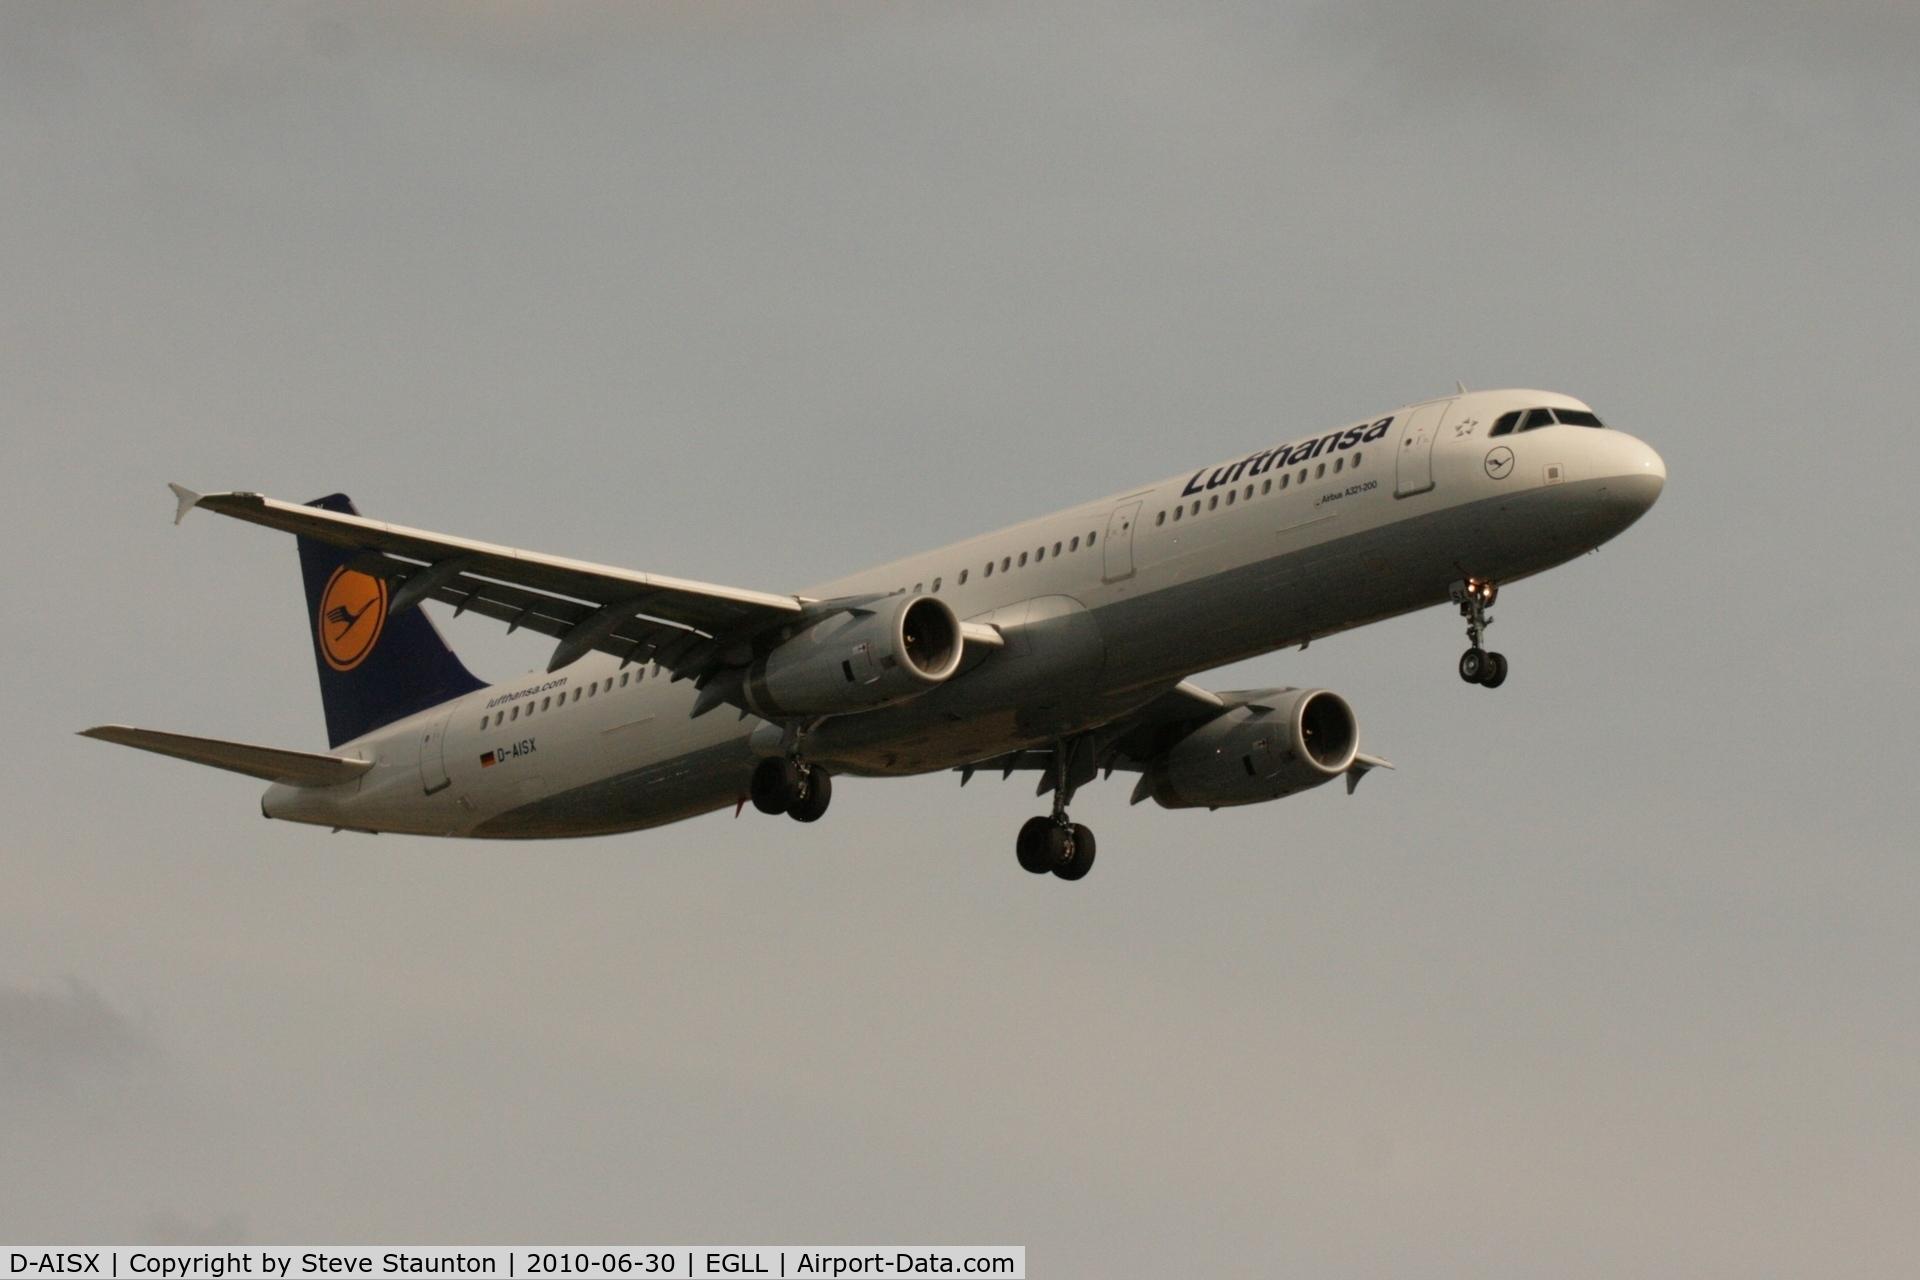 D-AISX, 2009 Airbus A321-231 C/N 4073, Taken at Heathrow Airport, June 2010